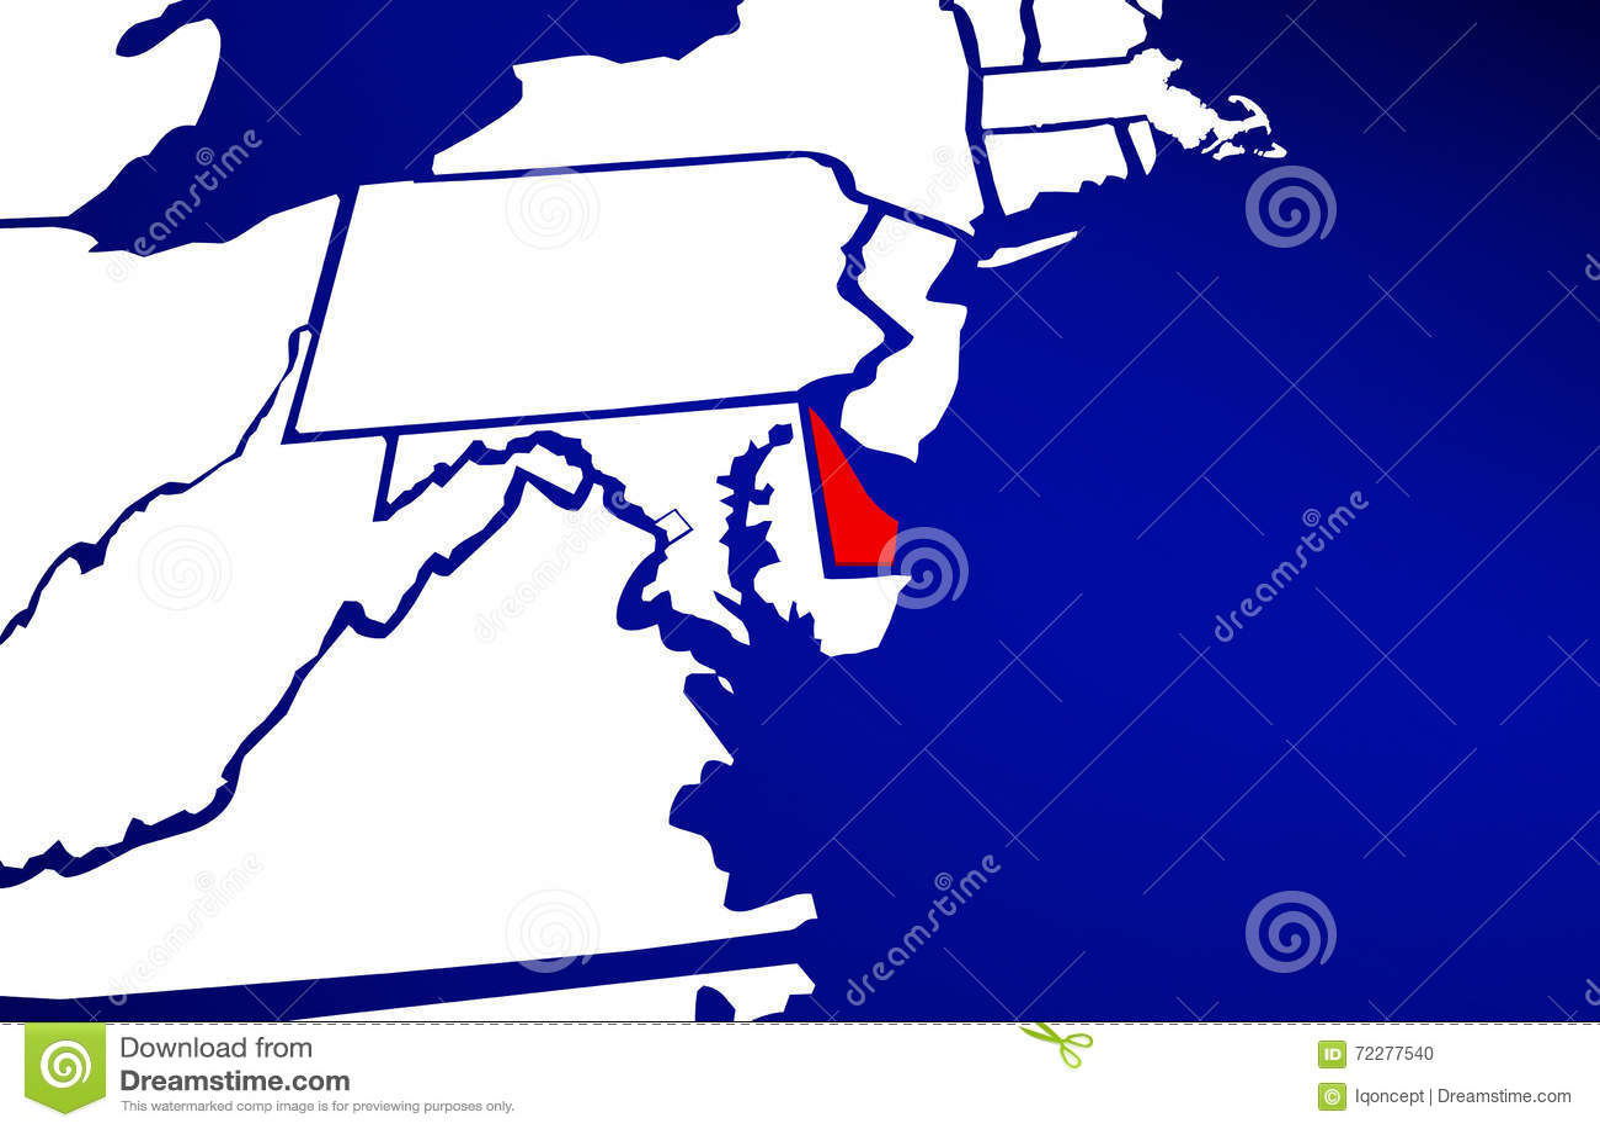 Download Карта положения Делавера DE Положения Соединенных Штатов Америки Иллюстрация штока - иллюстрации насчитывающей землеведение, выделять: 72277540